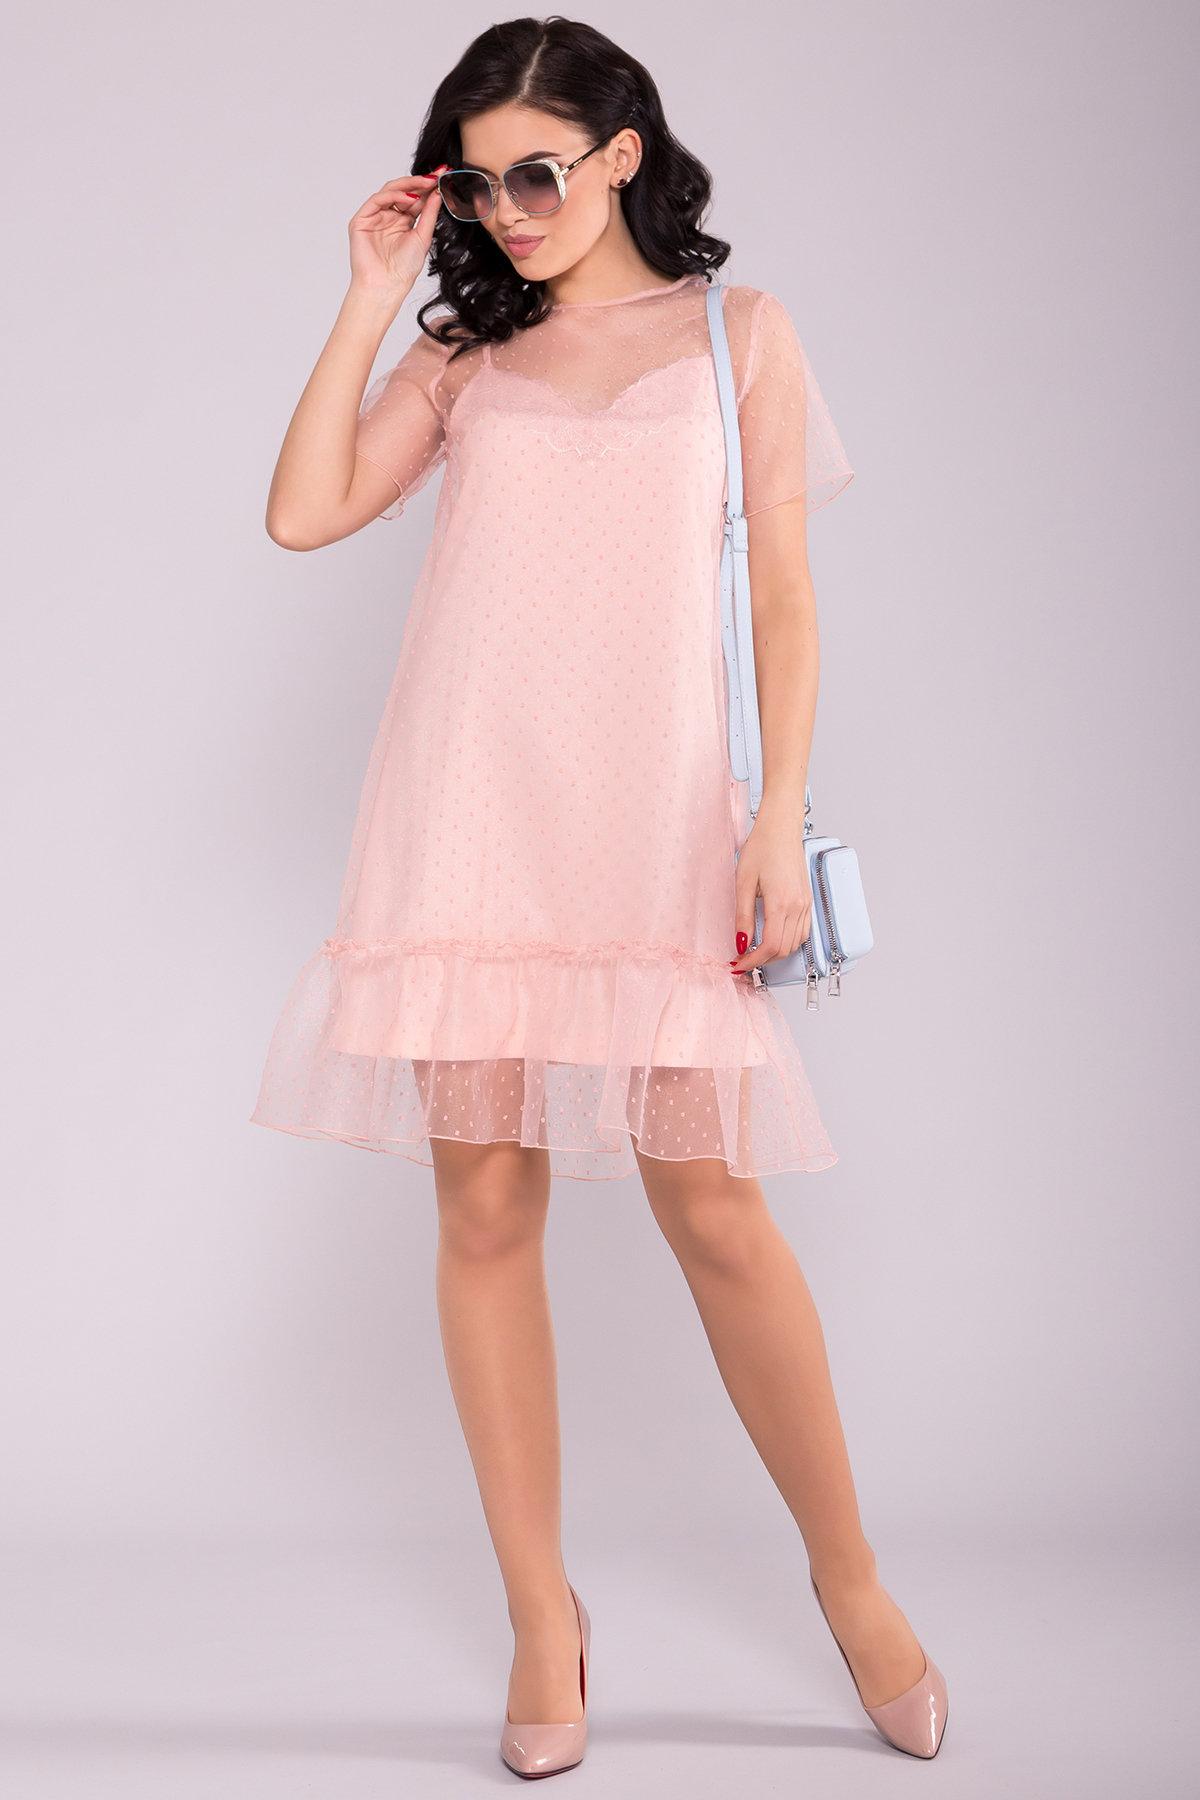 Купить платье оптом Украина Modus Платье Леонела 6960